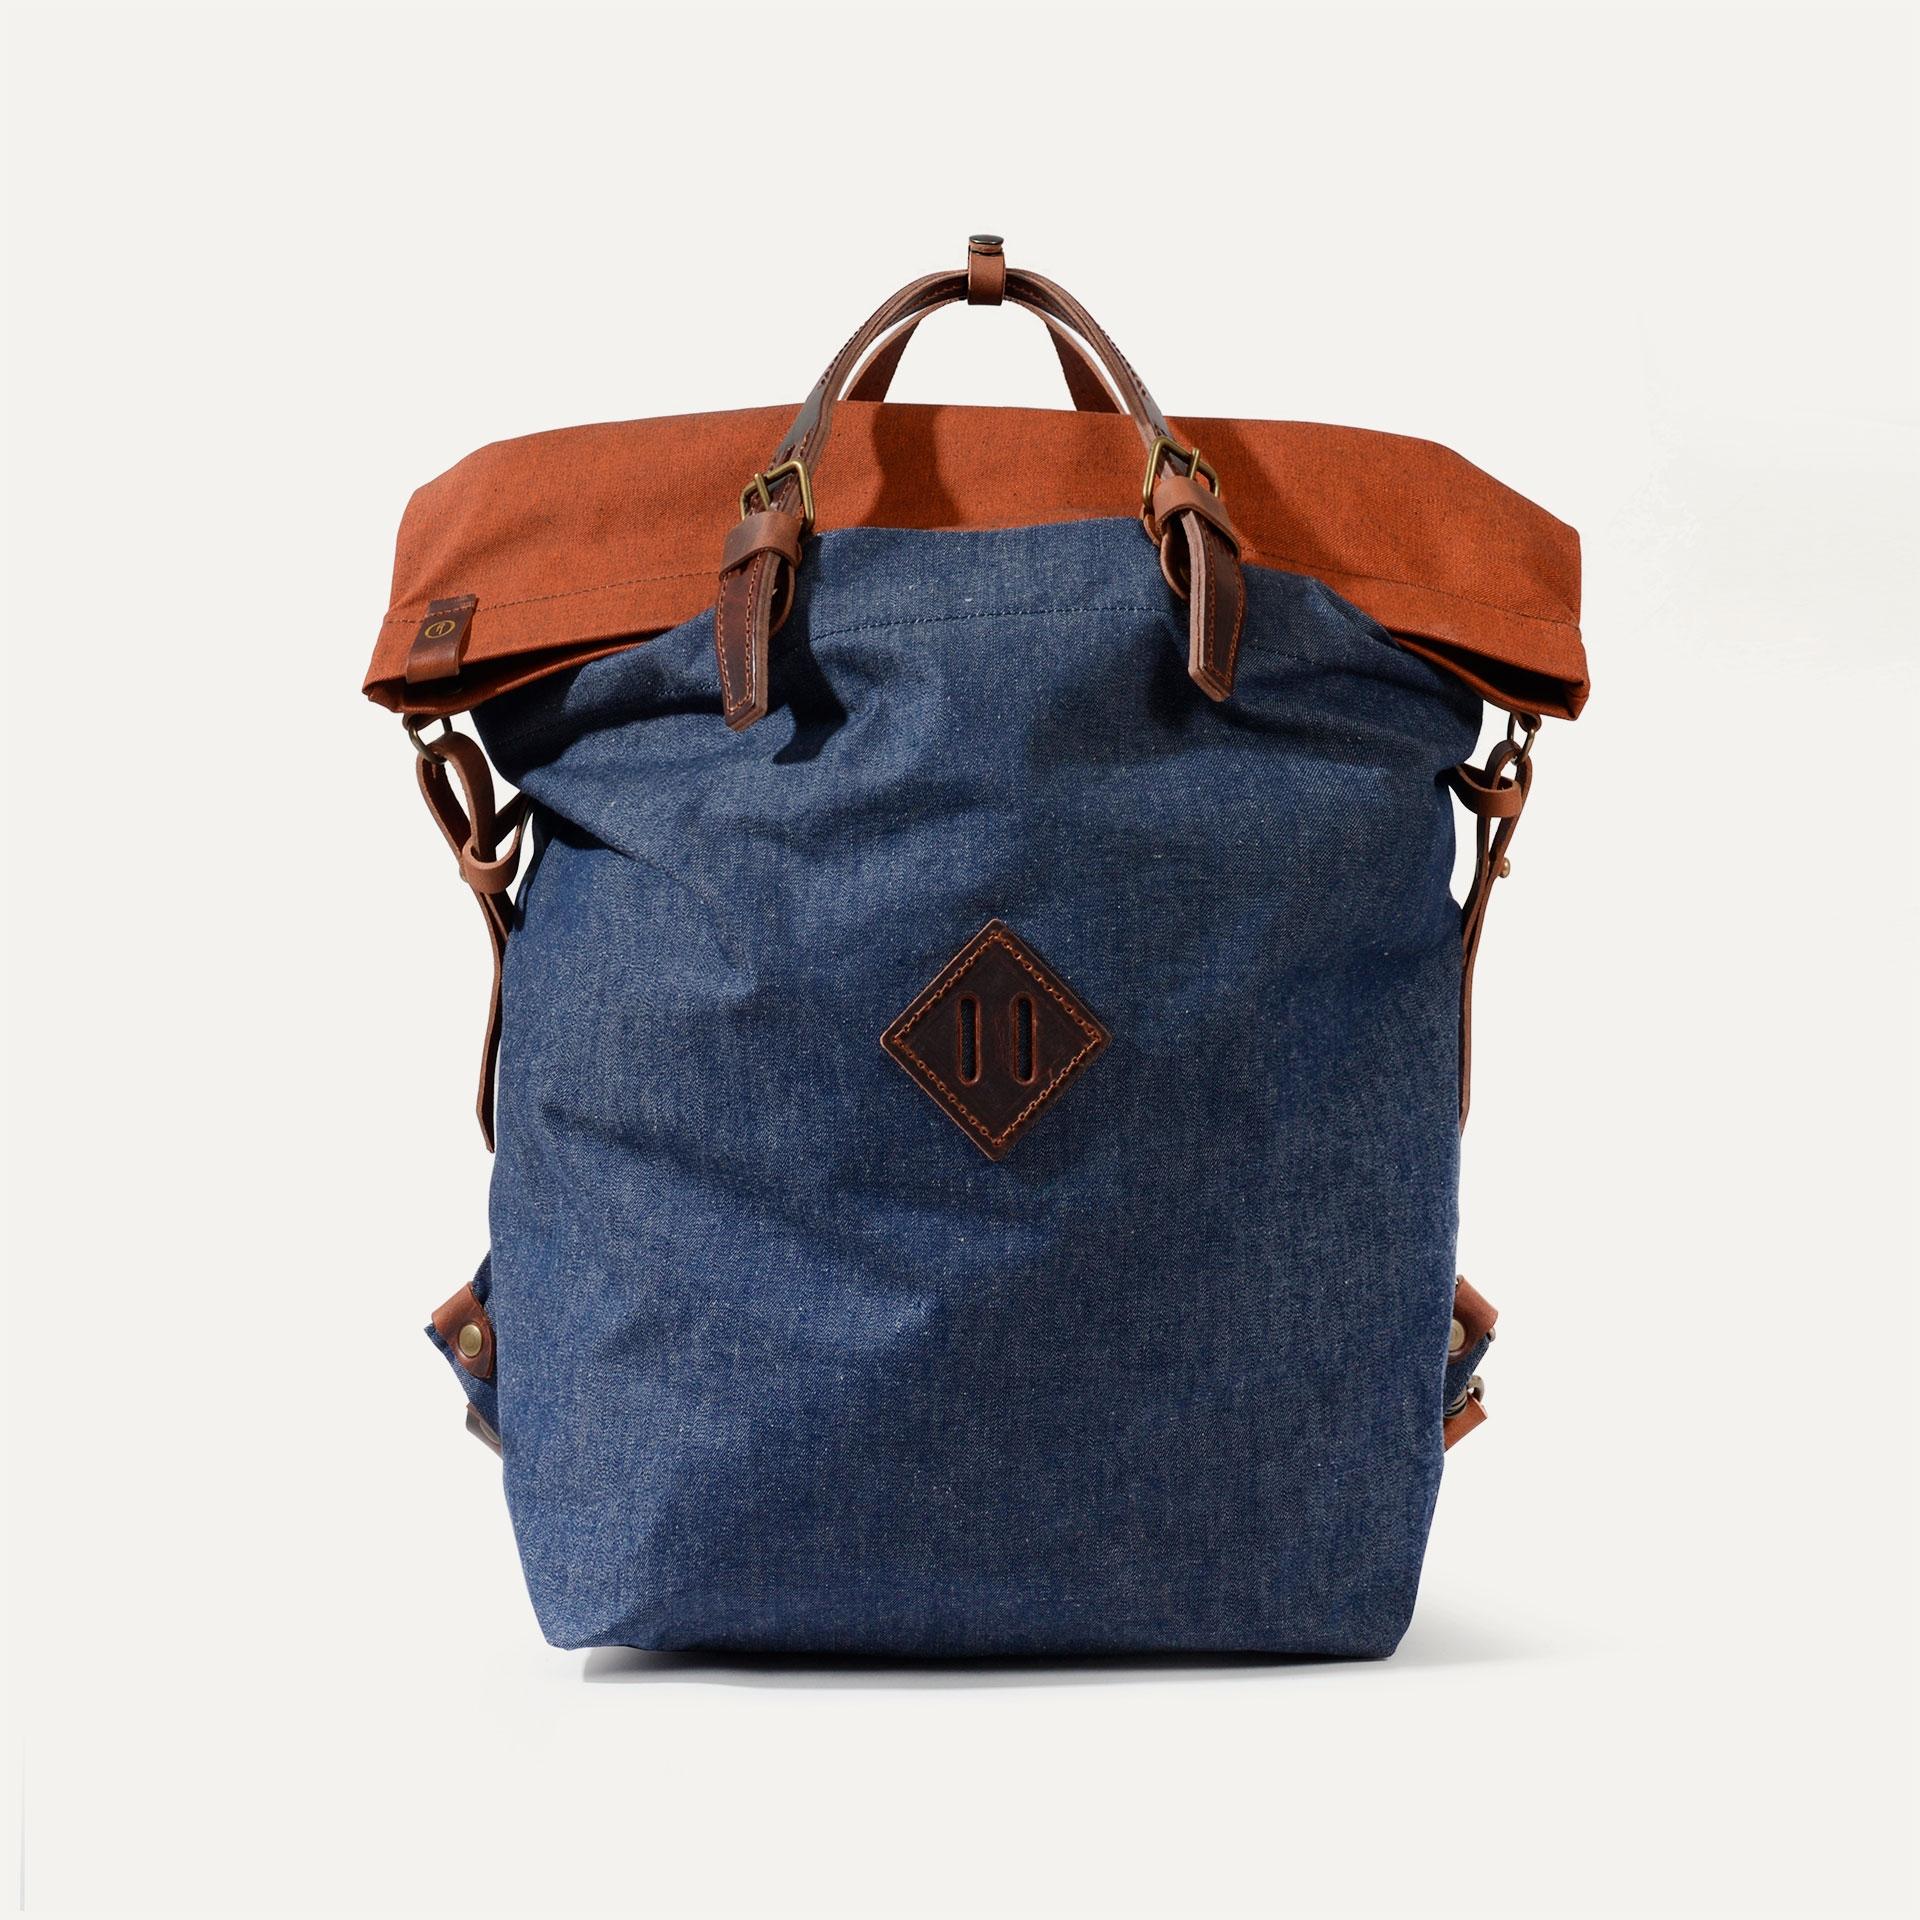 Woody M Backpack - Denim/Terra cotta (image n°1)